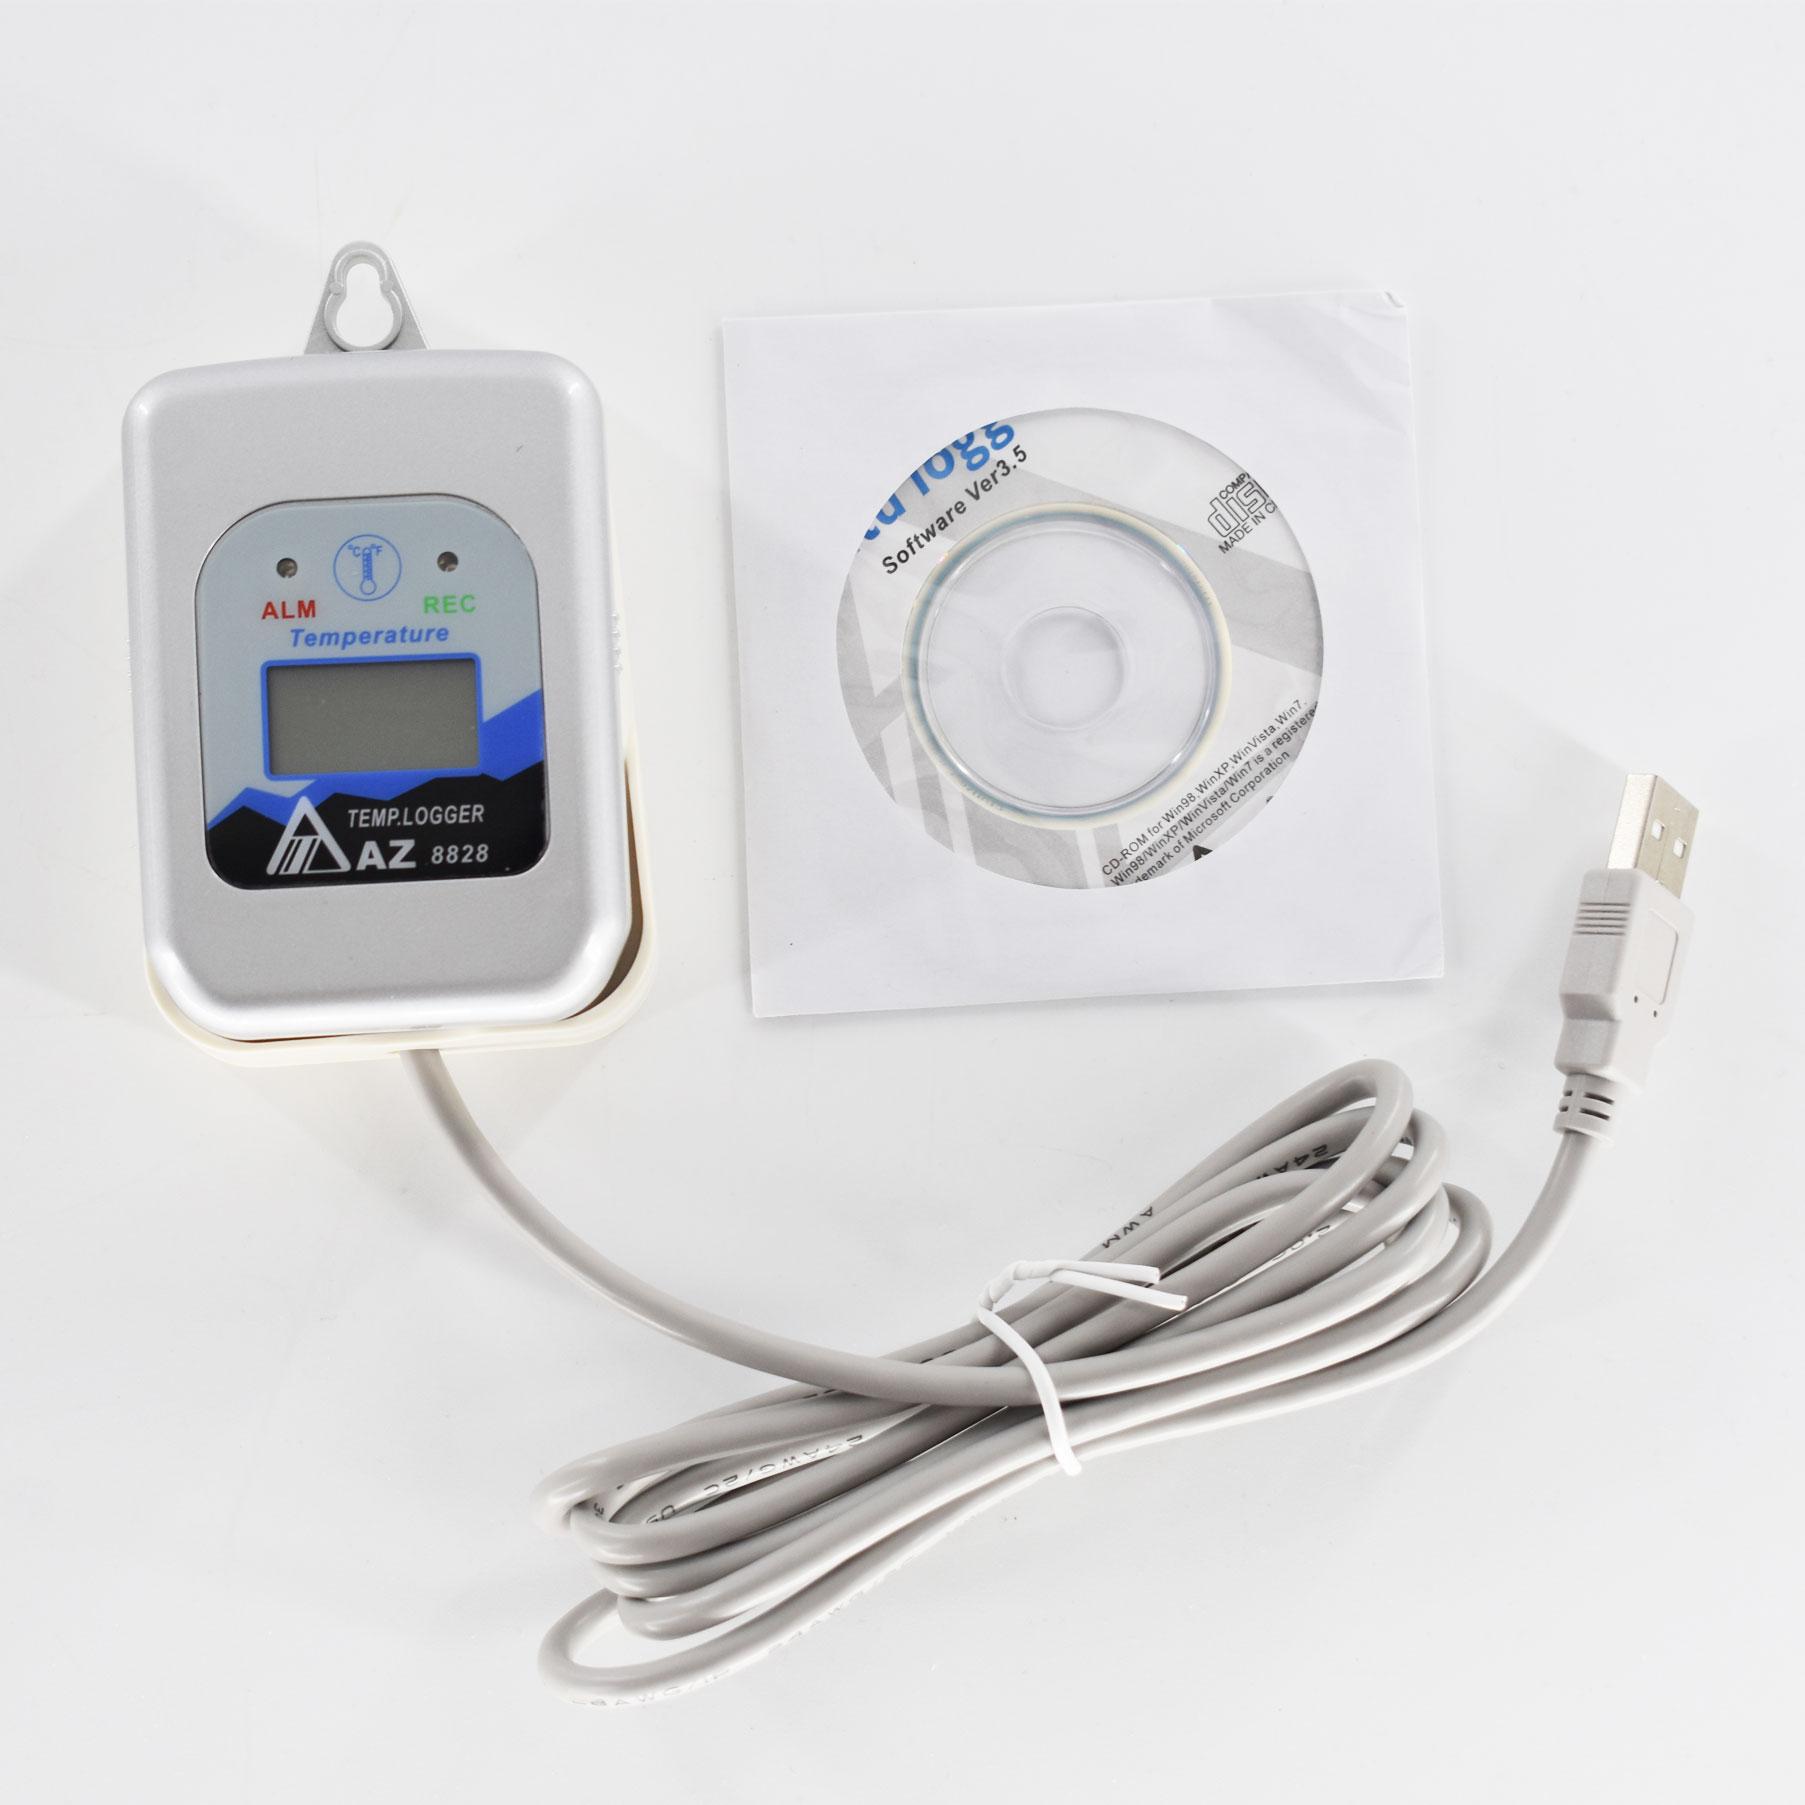 مسجل بيانات درجة الحرارة الرقمية AZ8828S مسجل درجة الحرارة (مع برنامج و كابل بيانات)